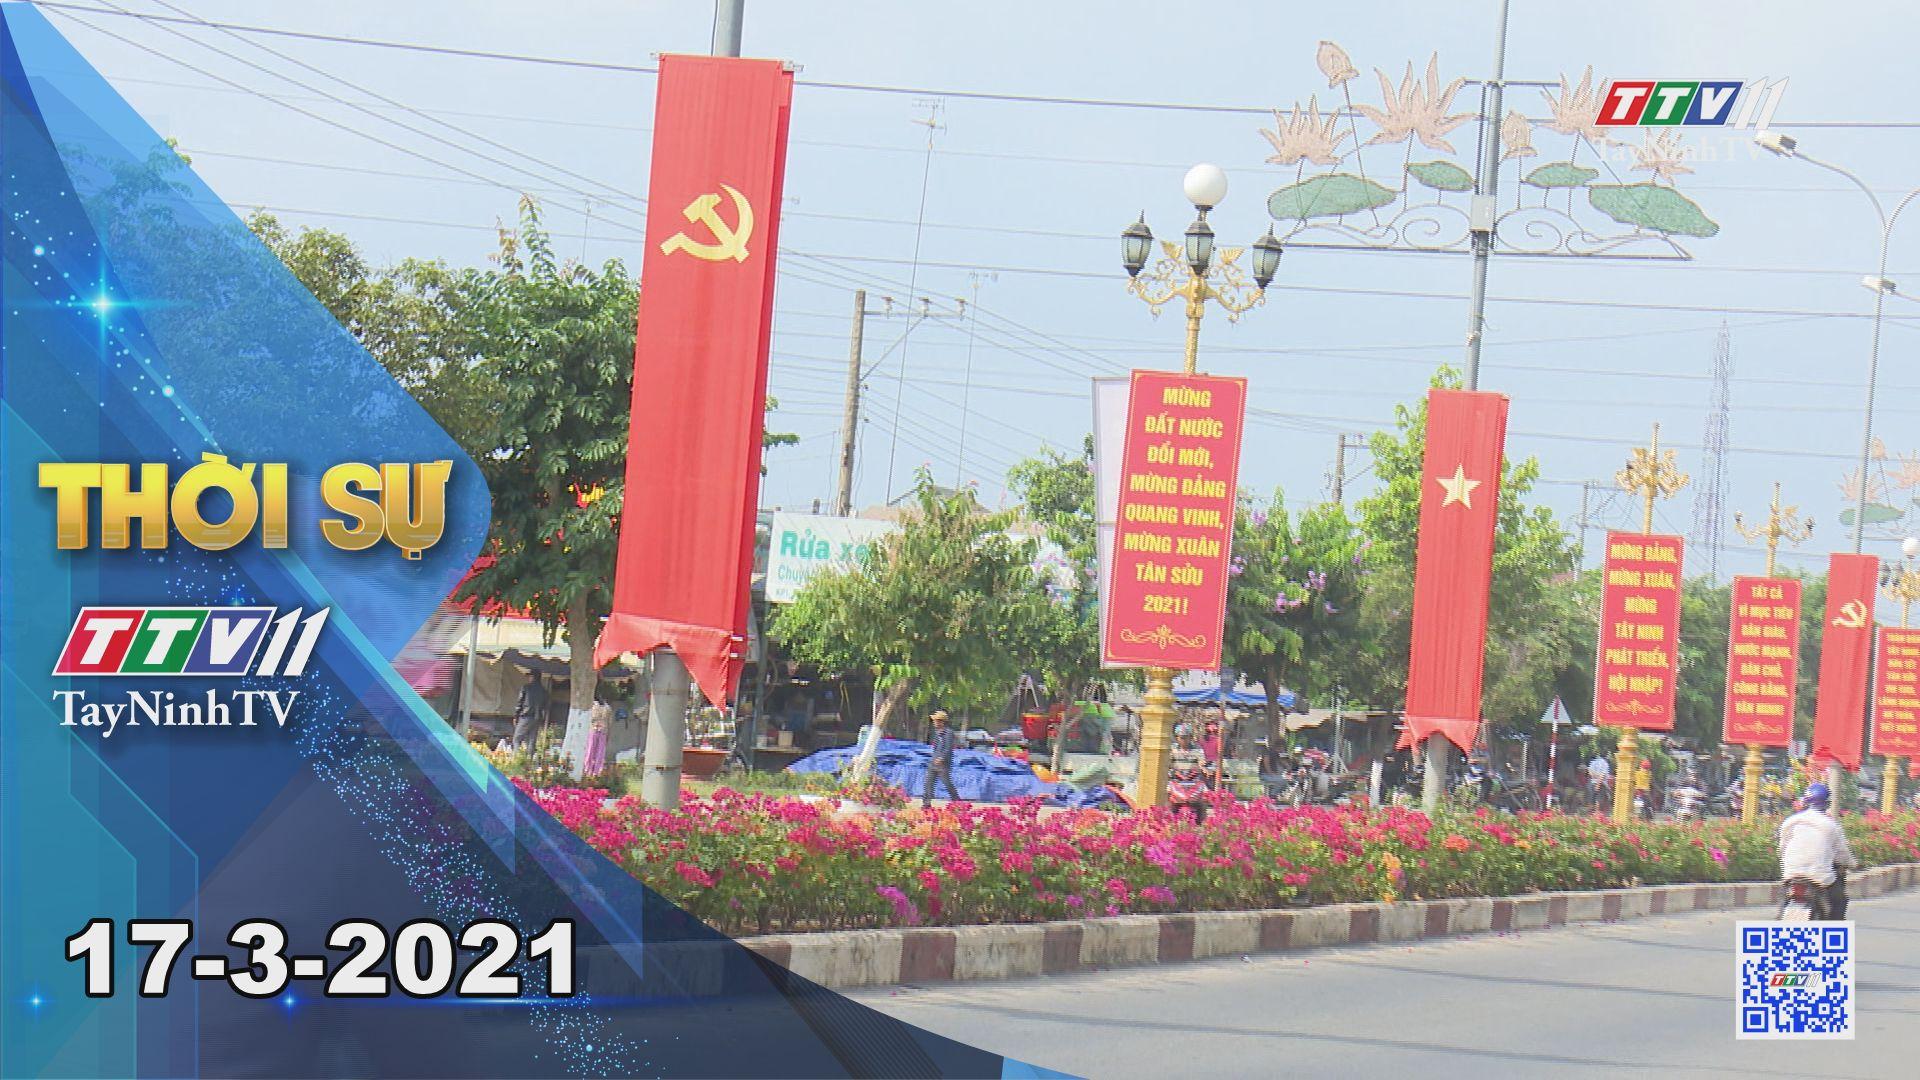 Thời sự Tây Ninh 17-3-2021 | Tin tức hôm nay | TayNinhTV